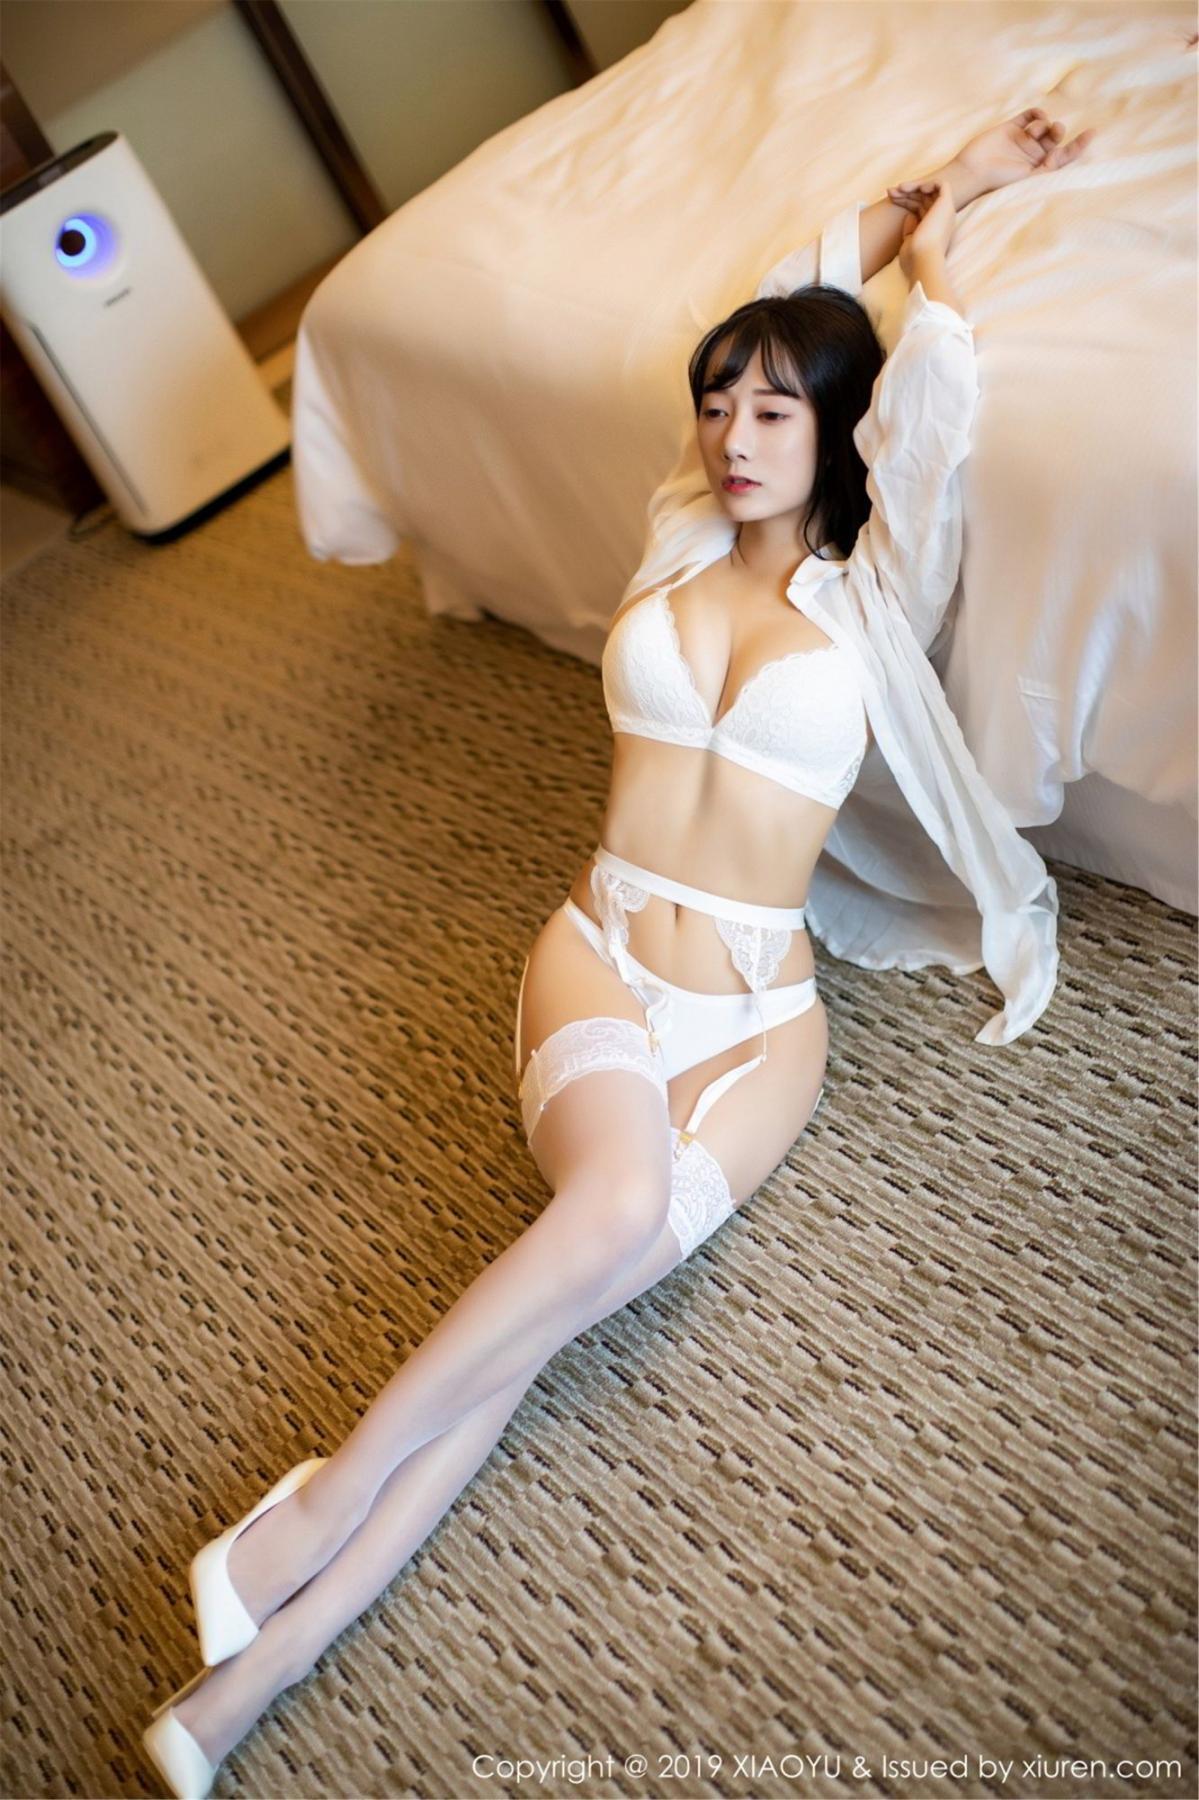 [XiaoYu] Vol.076 He Jia Ying 3P, He Jia Ying, Underwear, XiaoYu